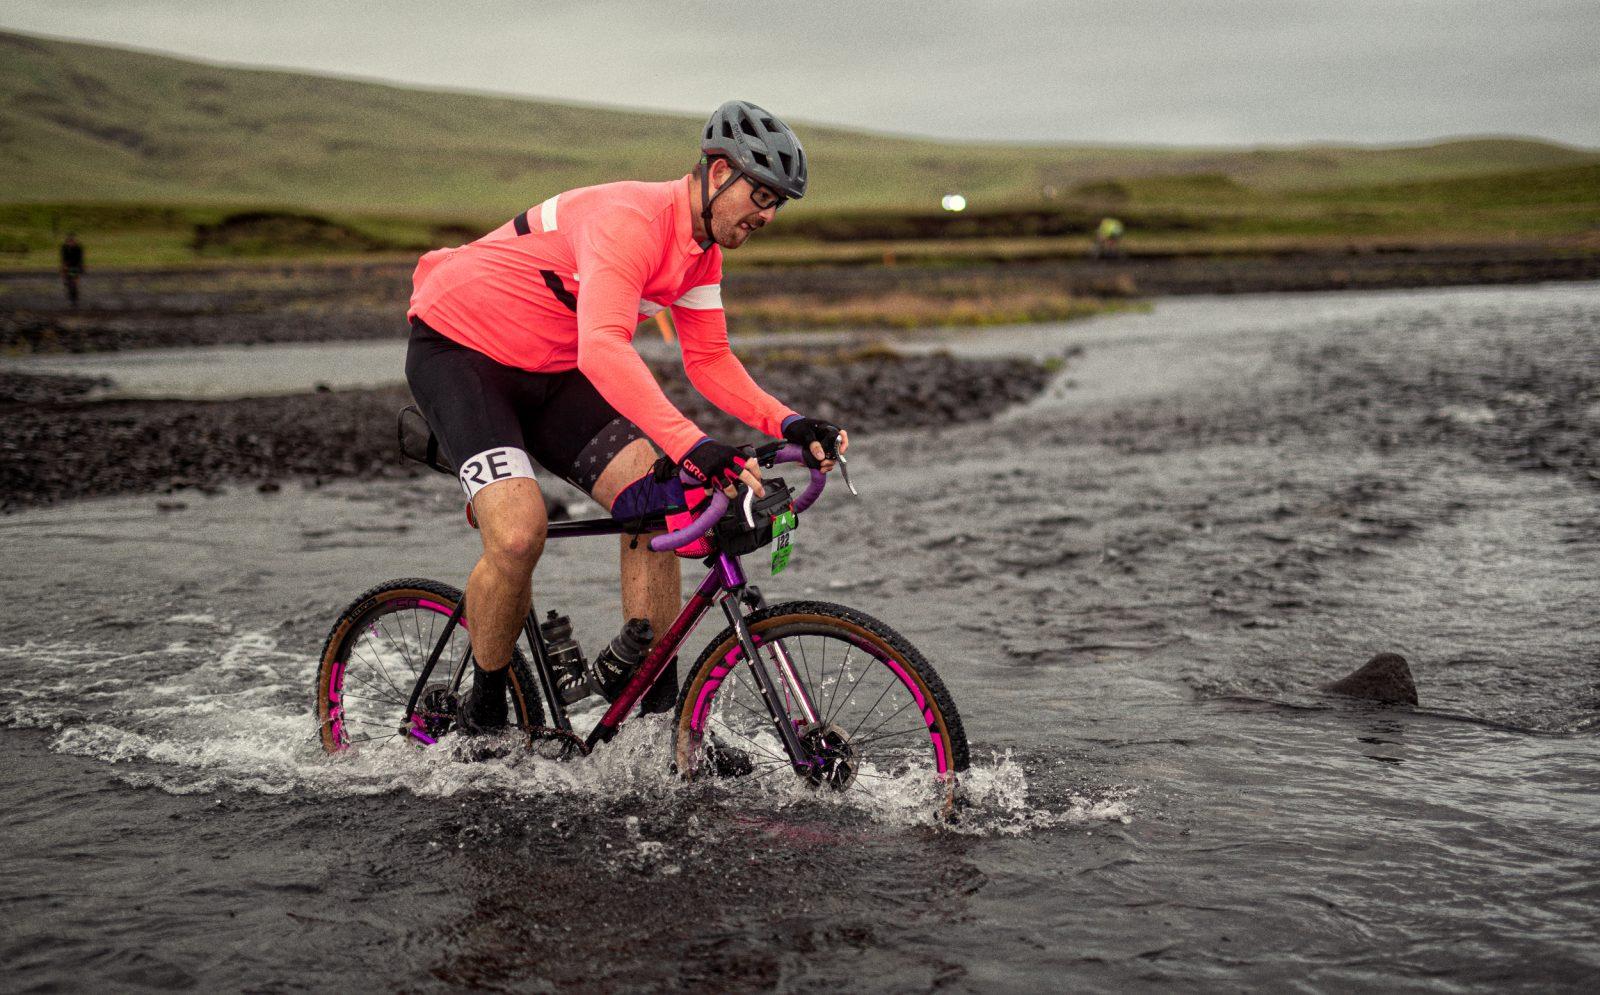 006 The Rift Iceland 2019